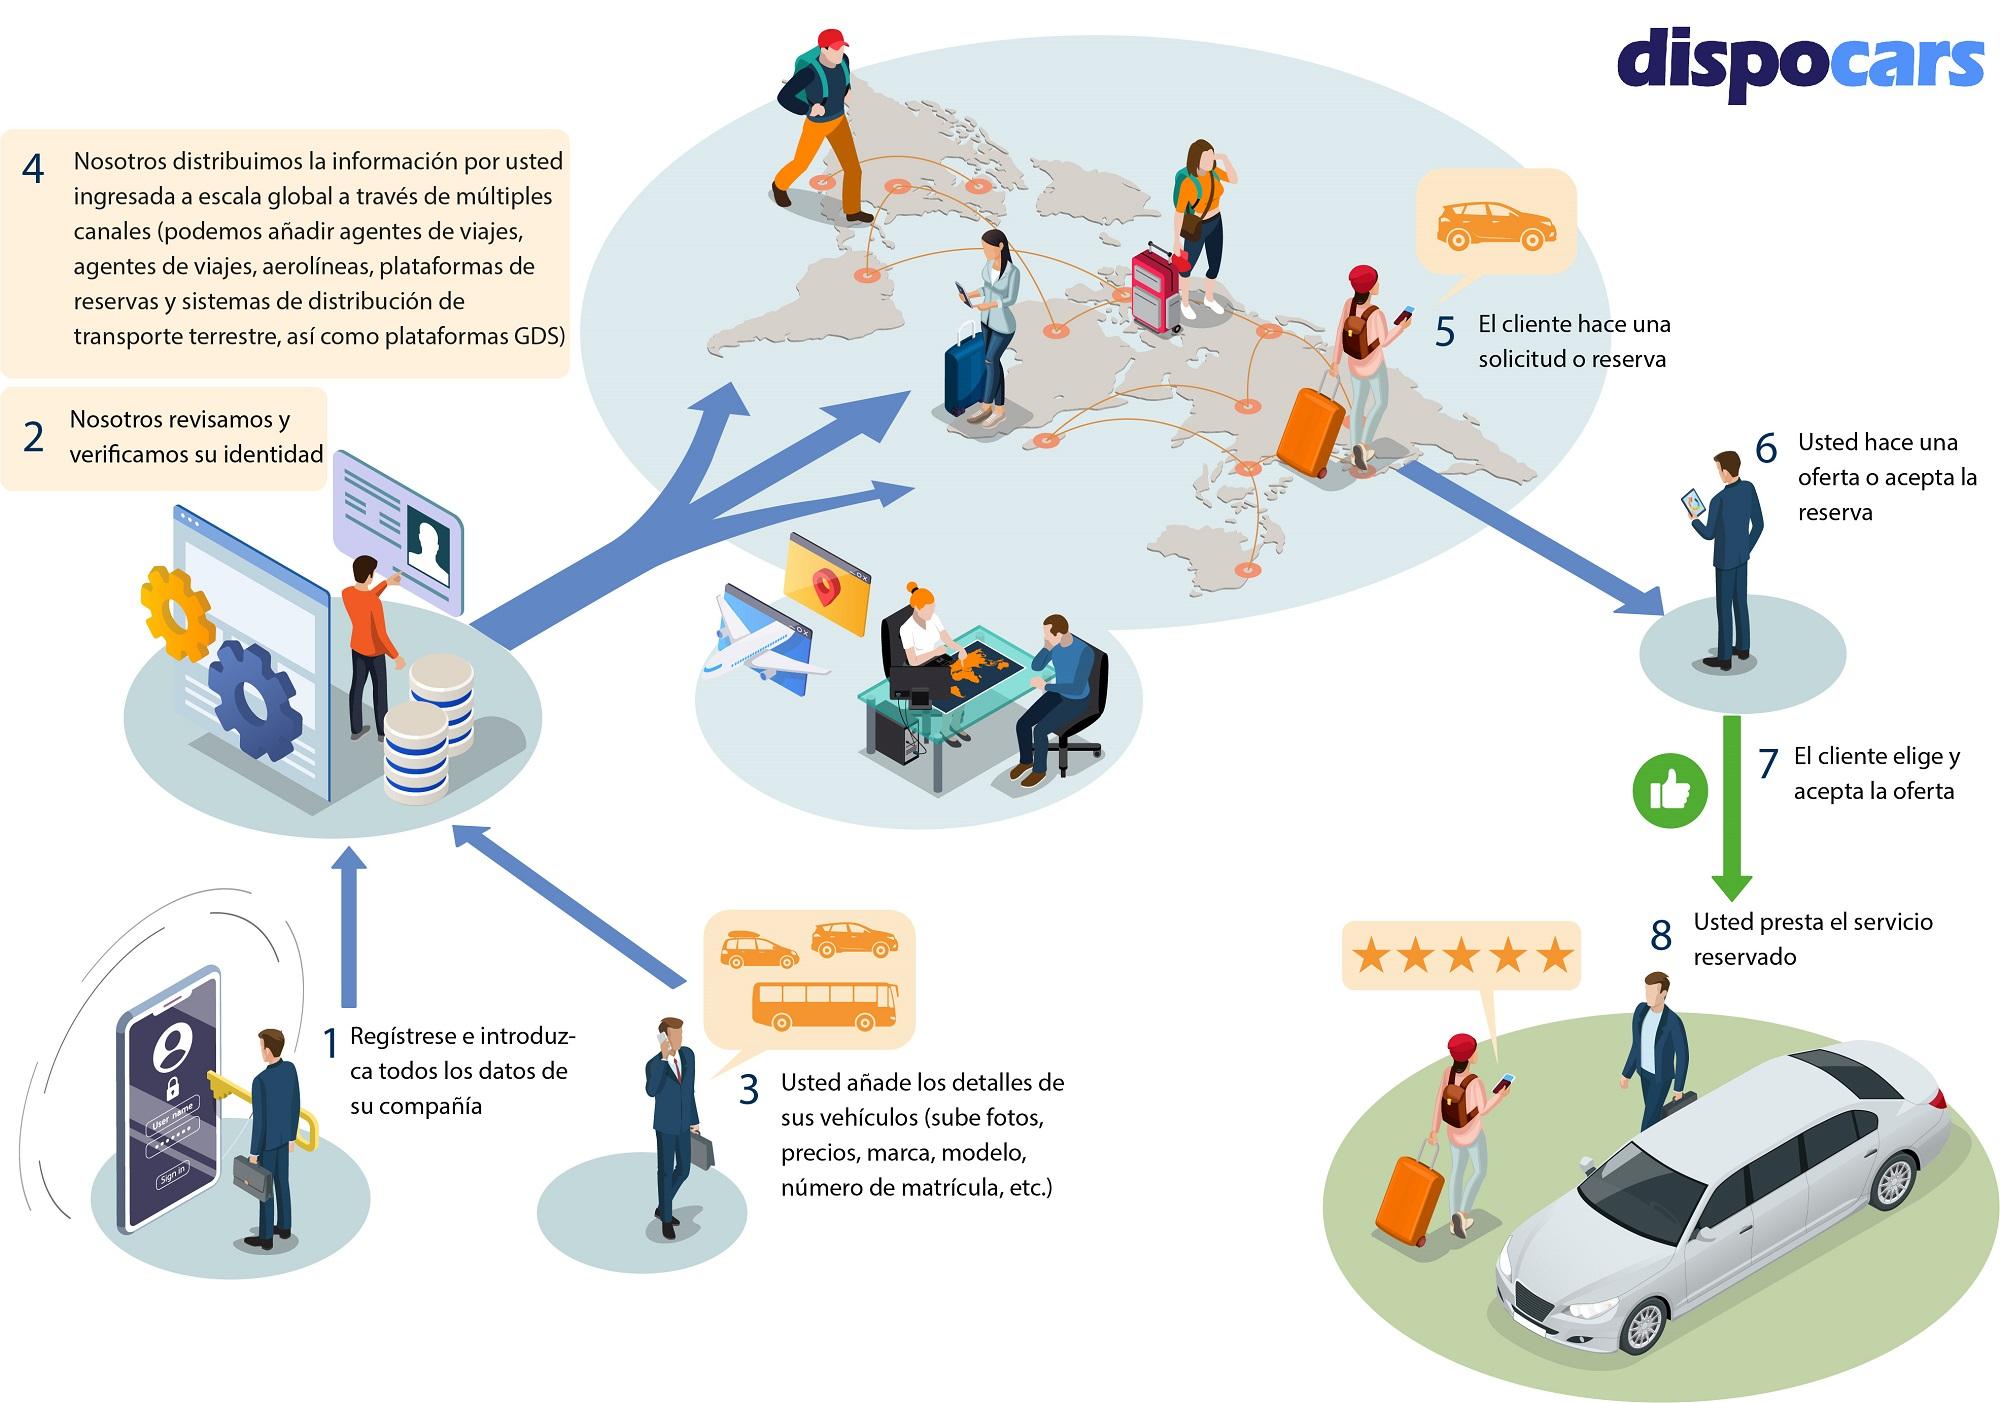 DispoCars - Convertirse en un compañero